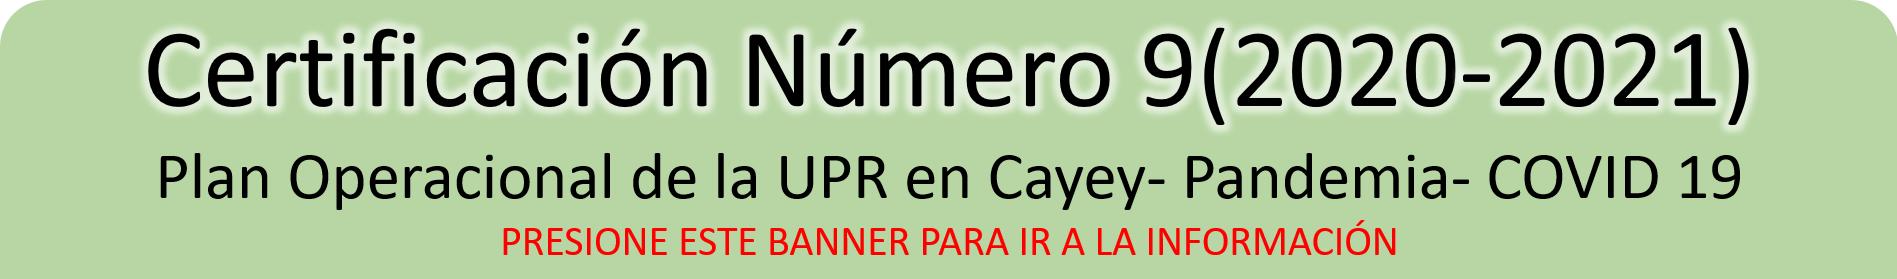 Imagen del Banner Certificación Número 9 (2020 - 2021)